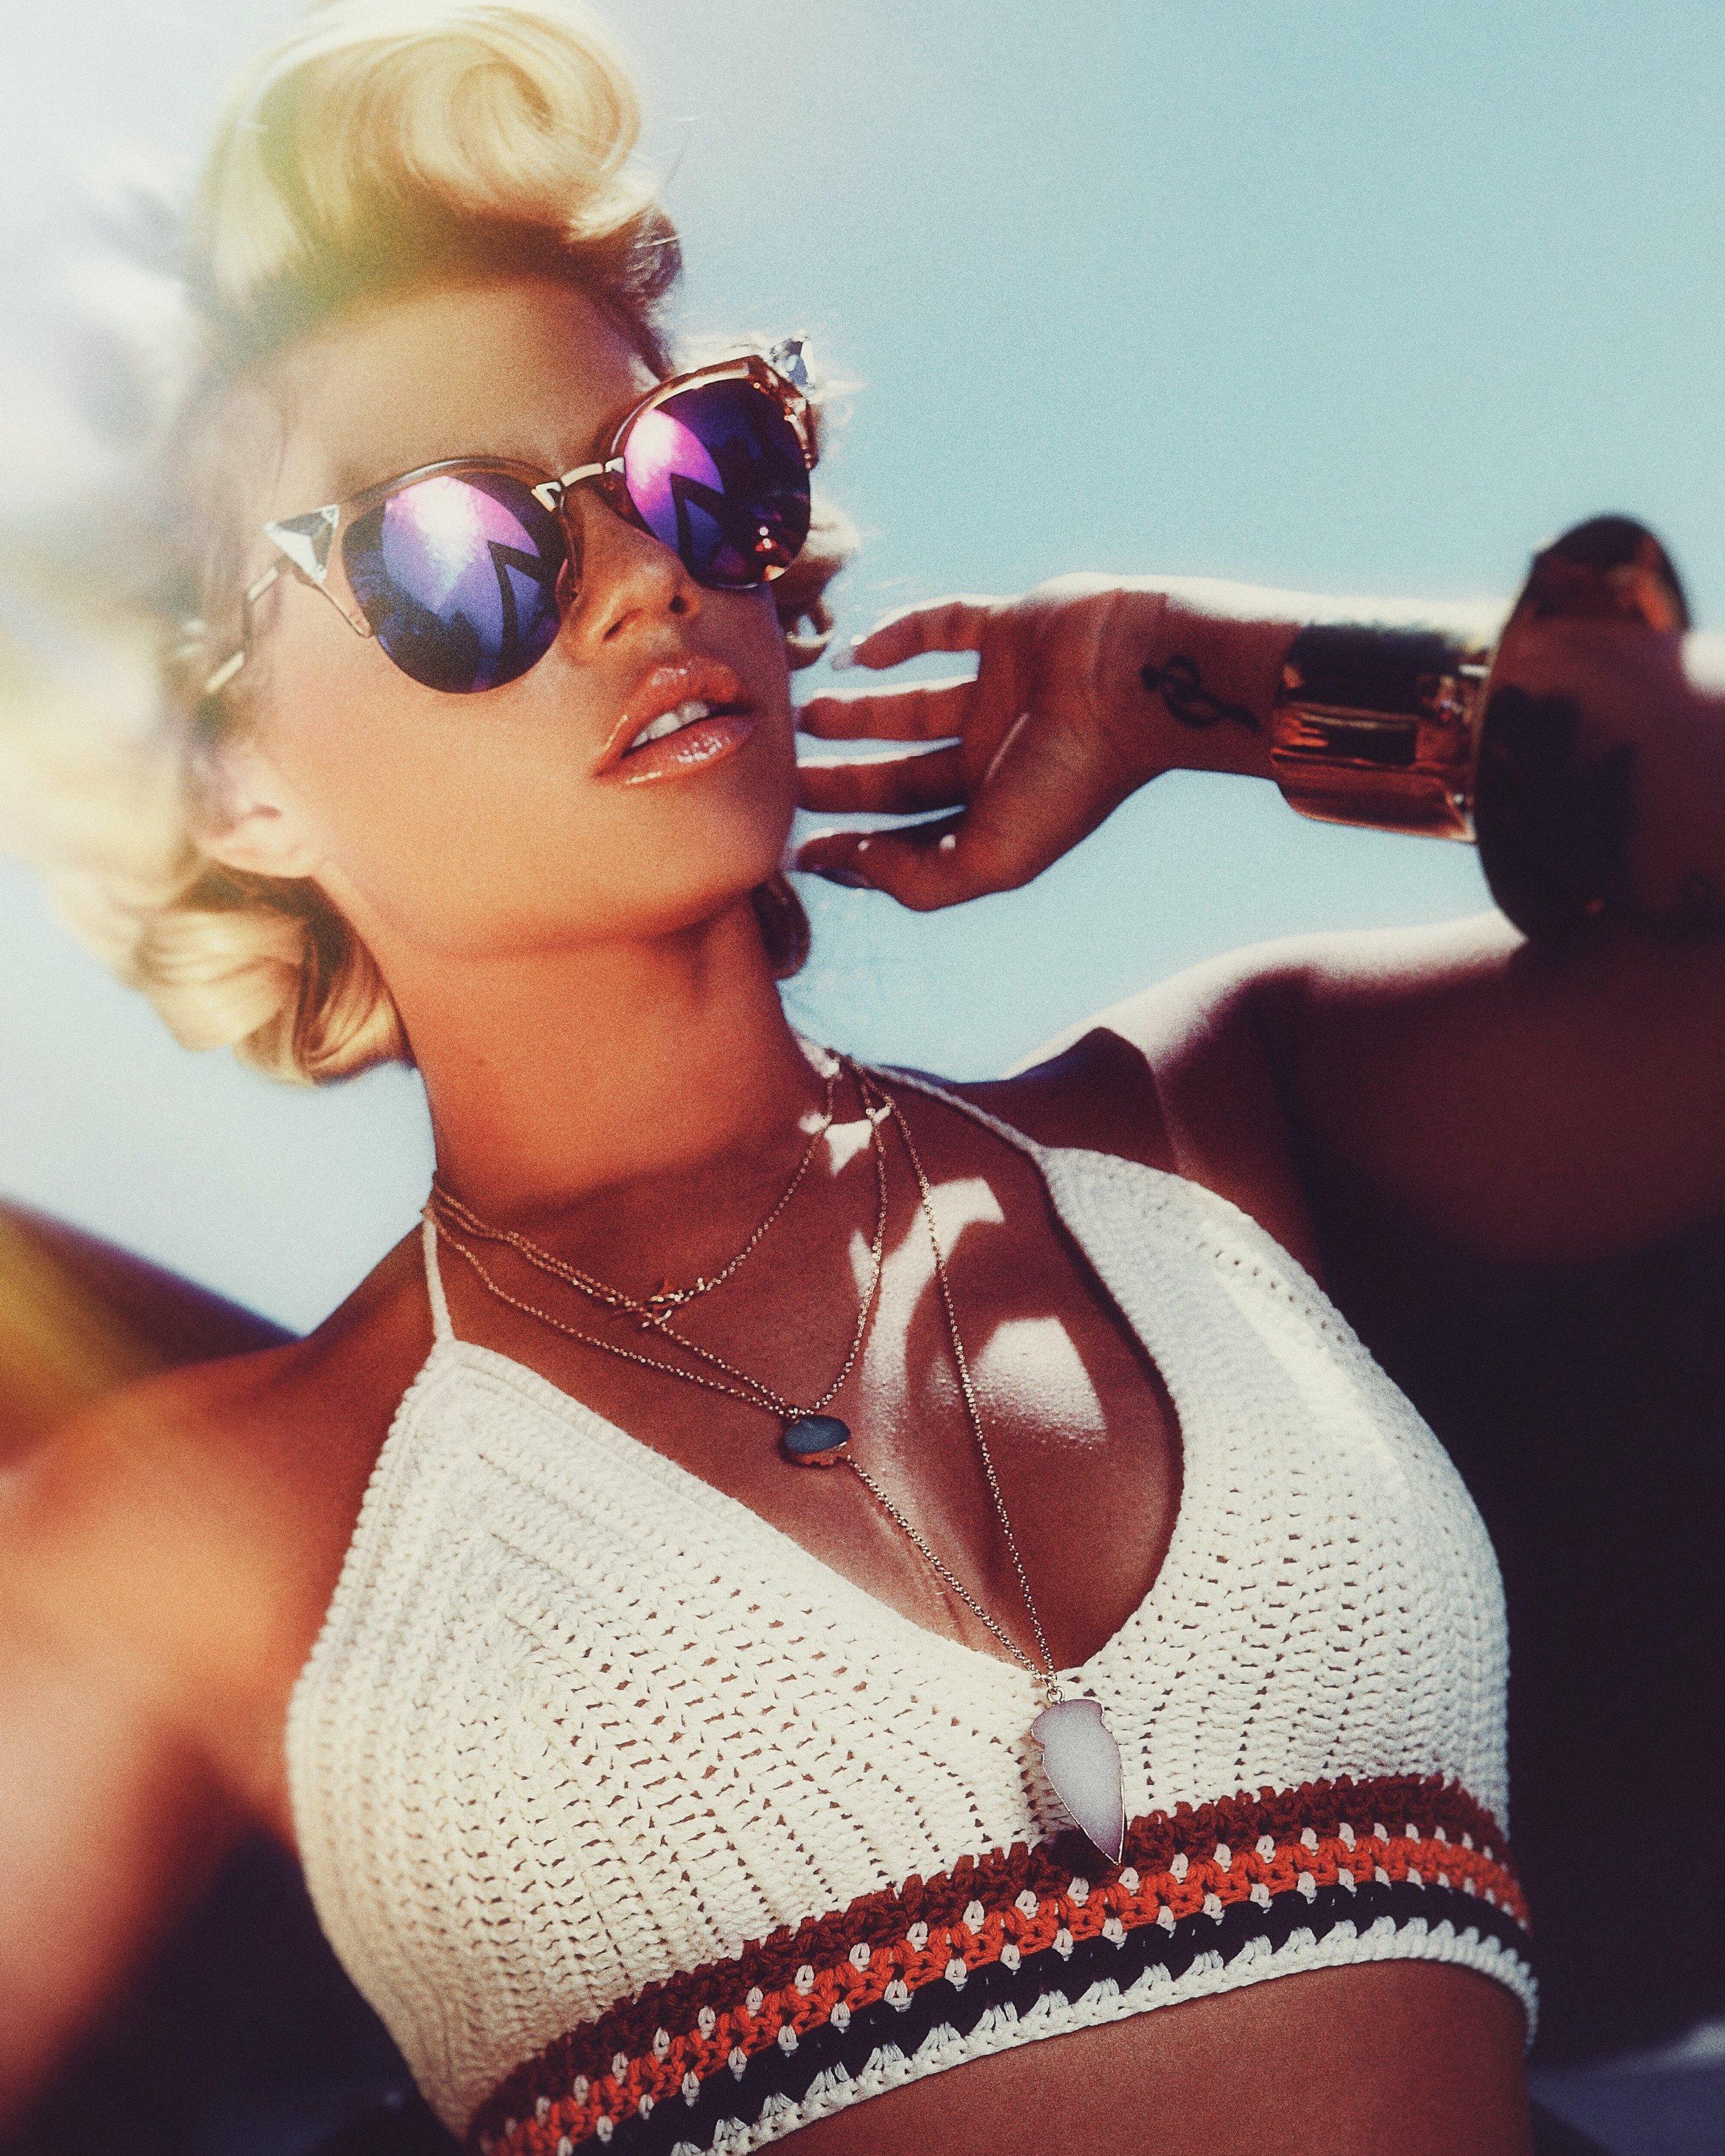 Chanel-West-Coast-Hot-Summer-02-Glasses.jpeg